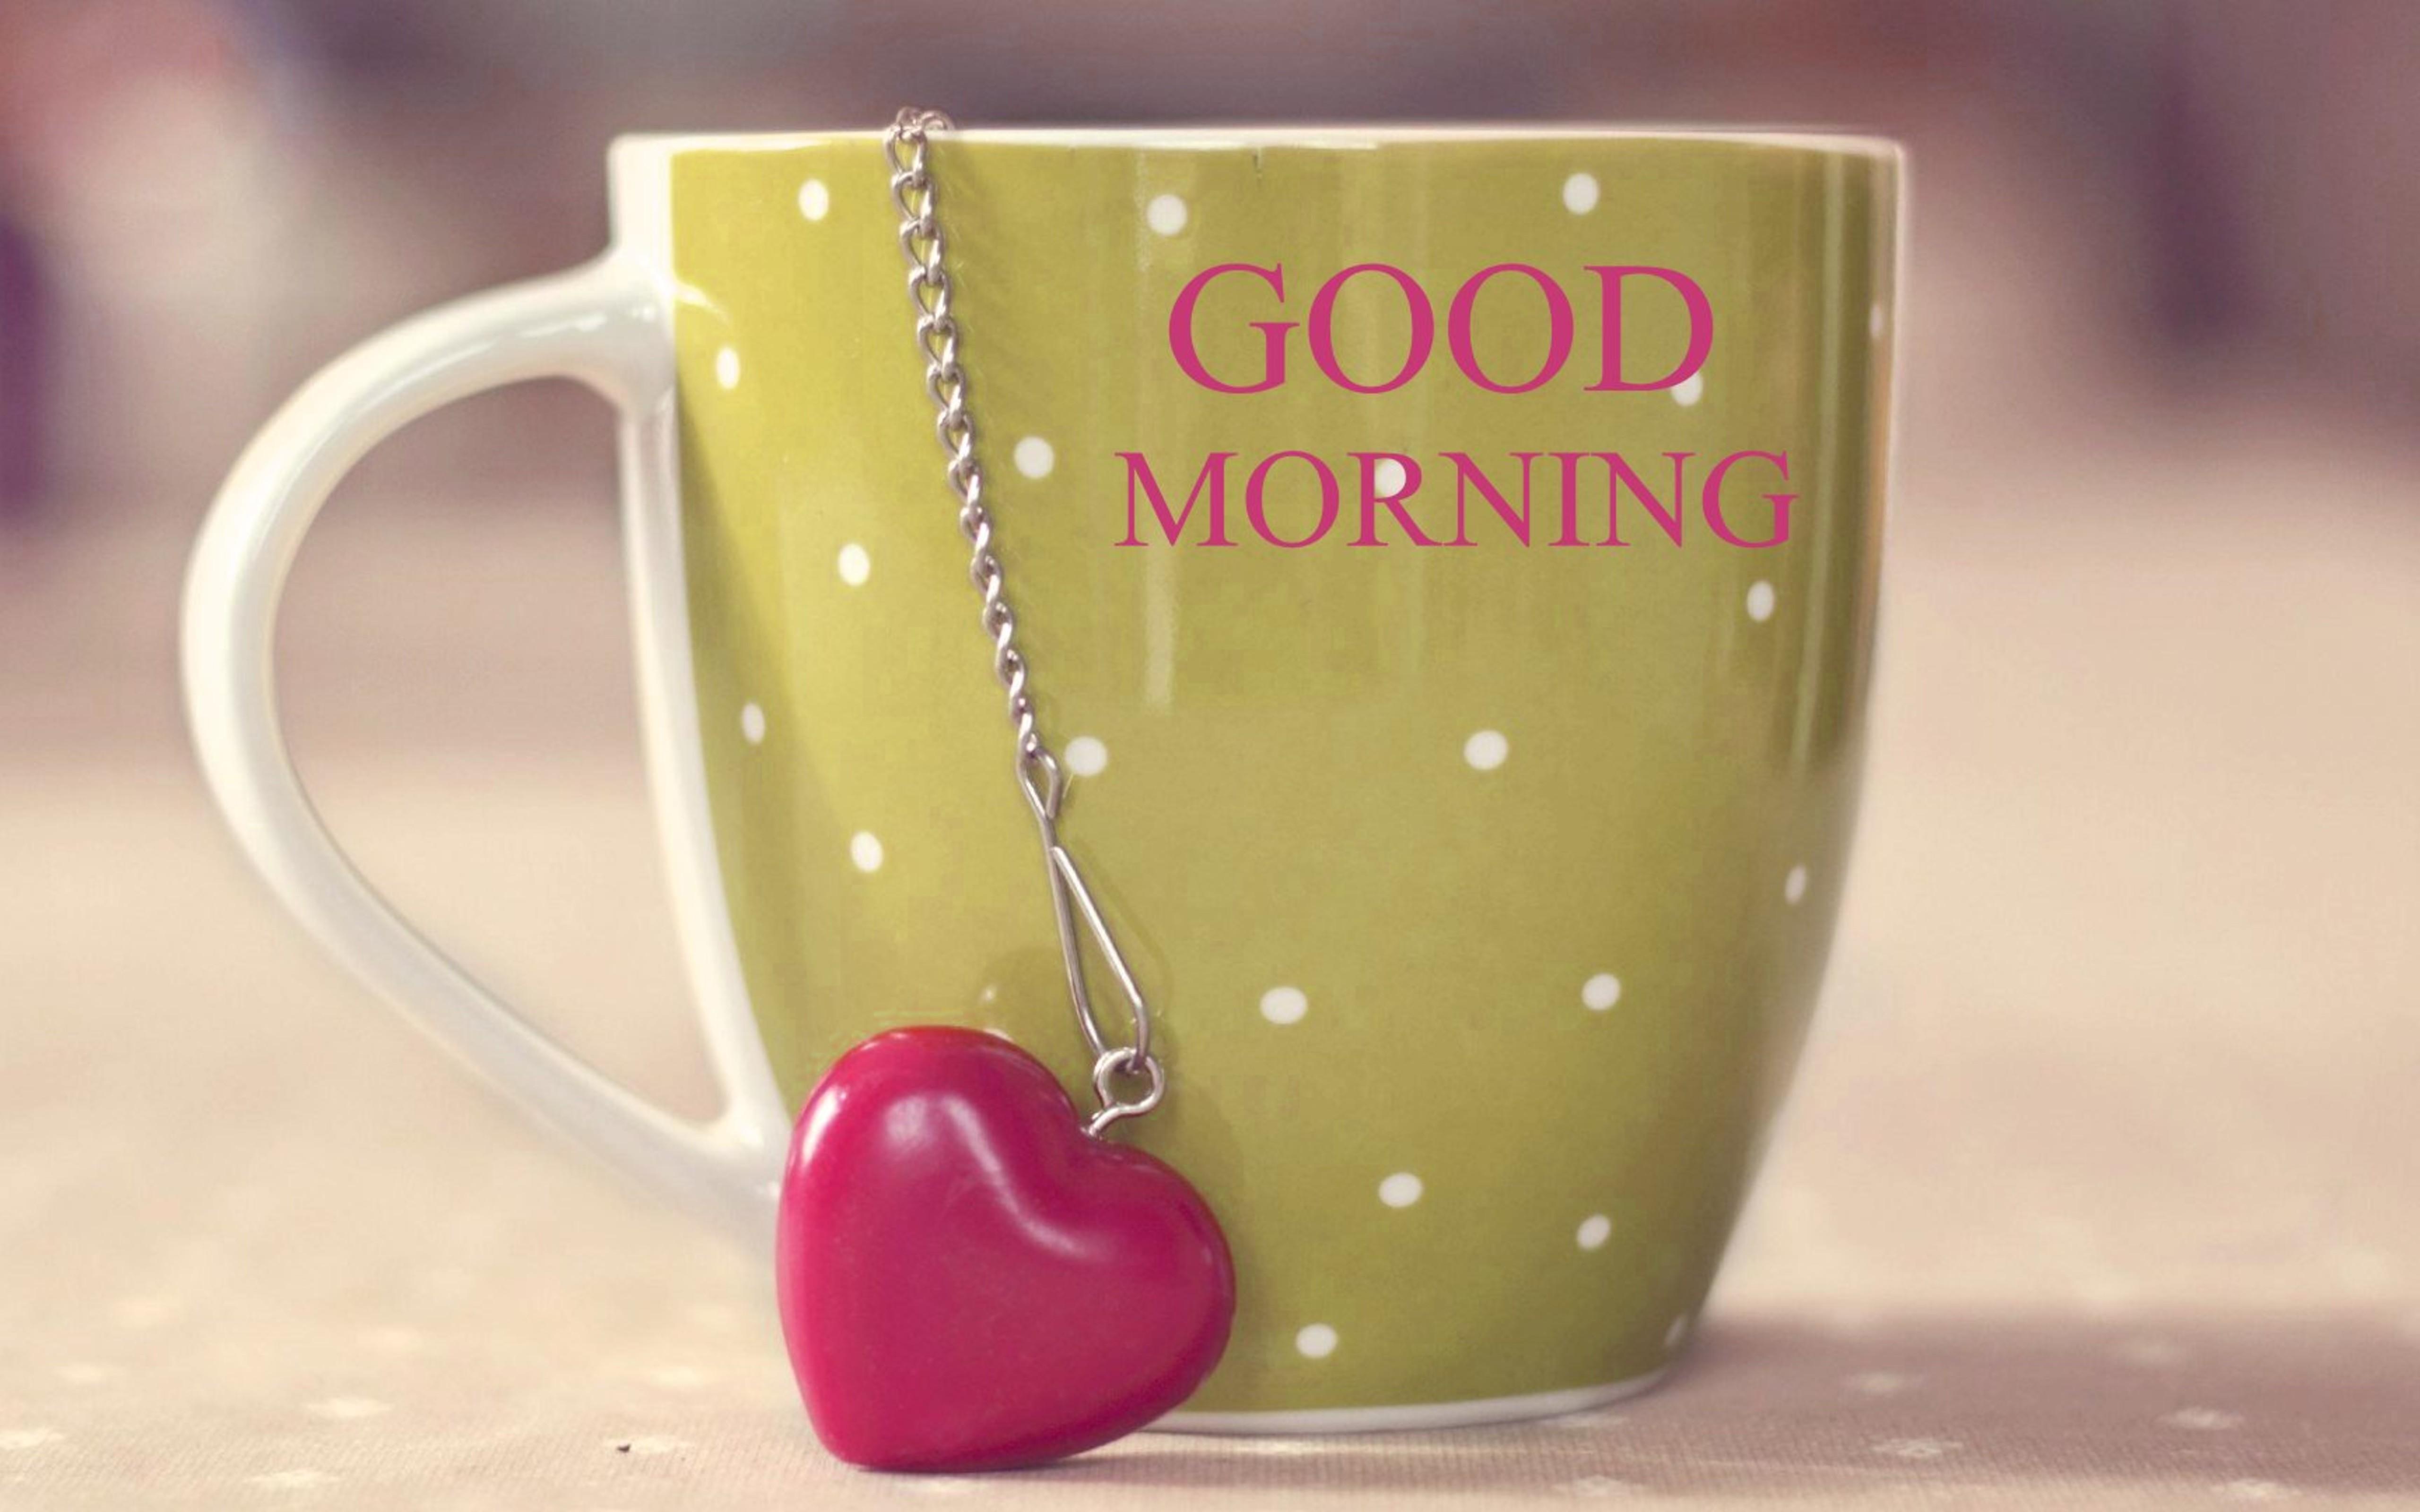 примерами обои на рабочий стол доброе утро улыбнись скорее порою